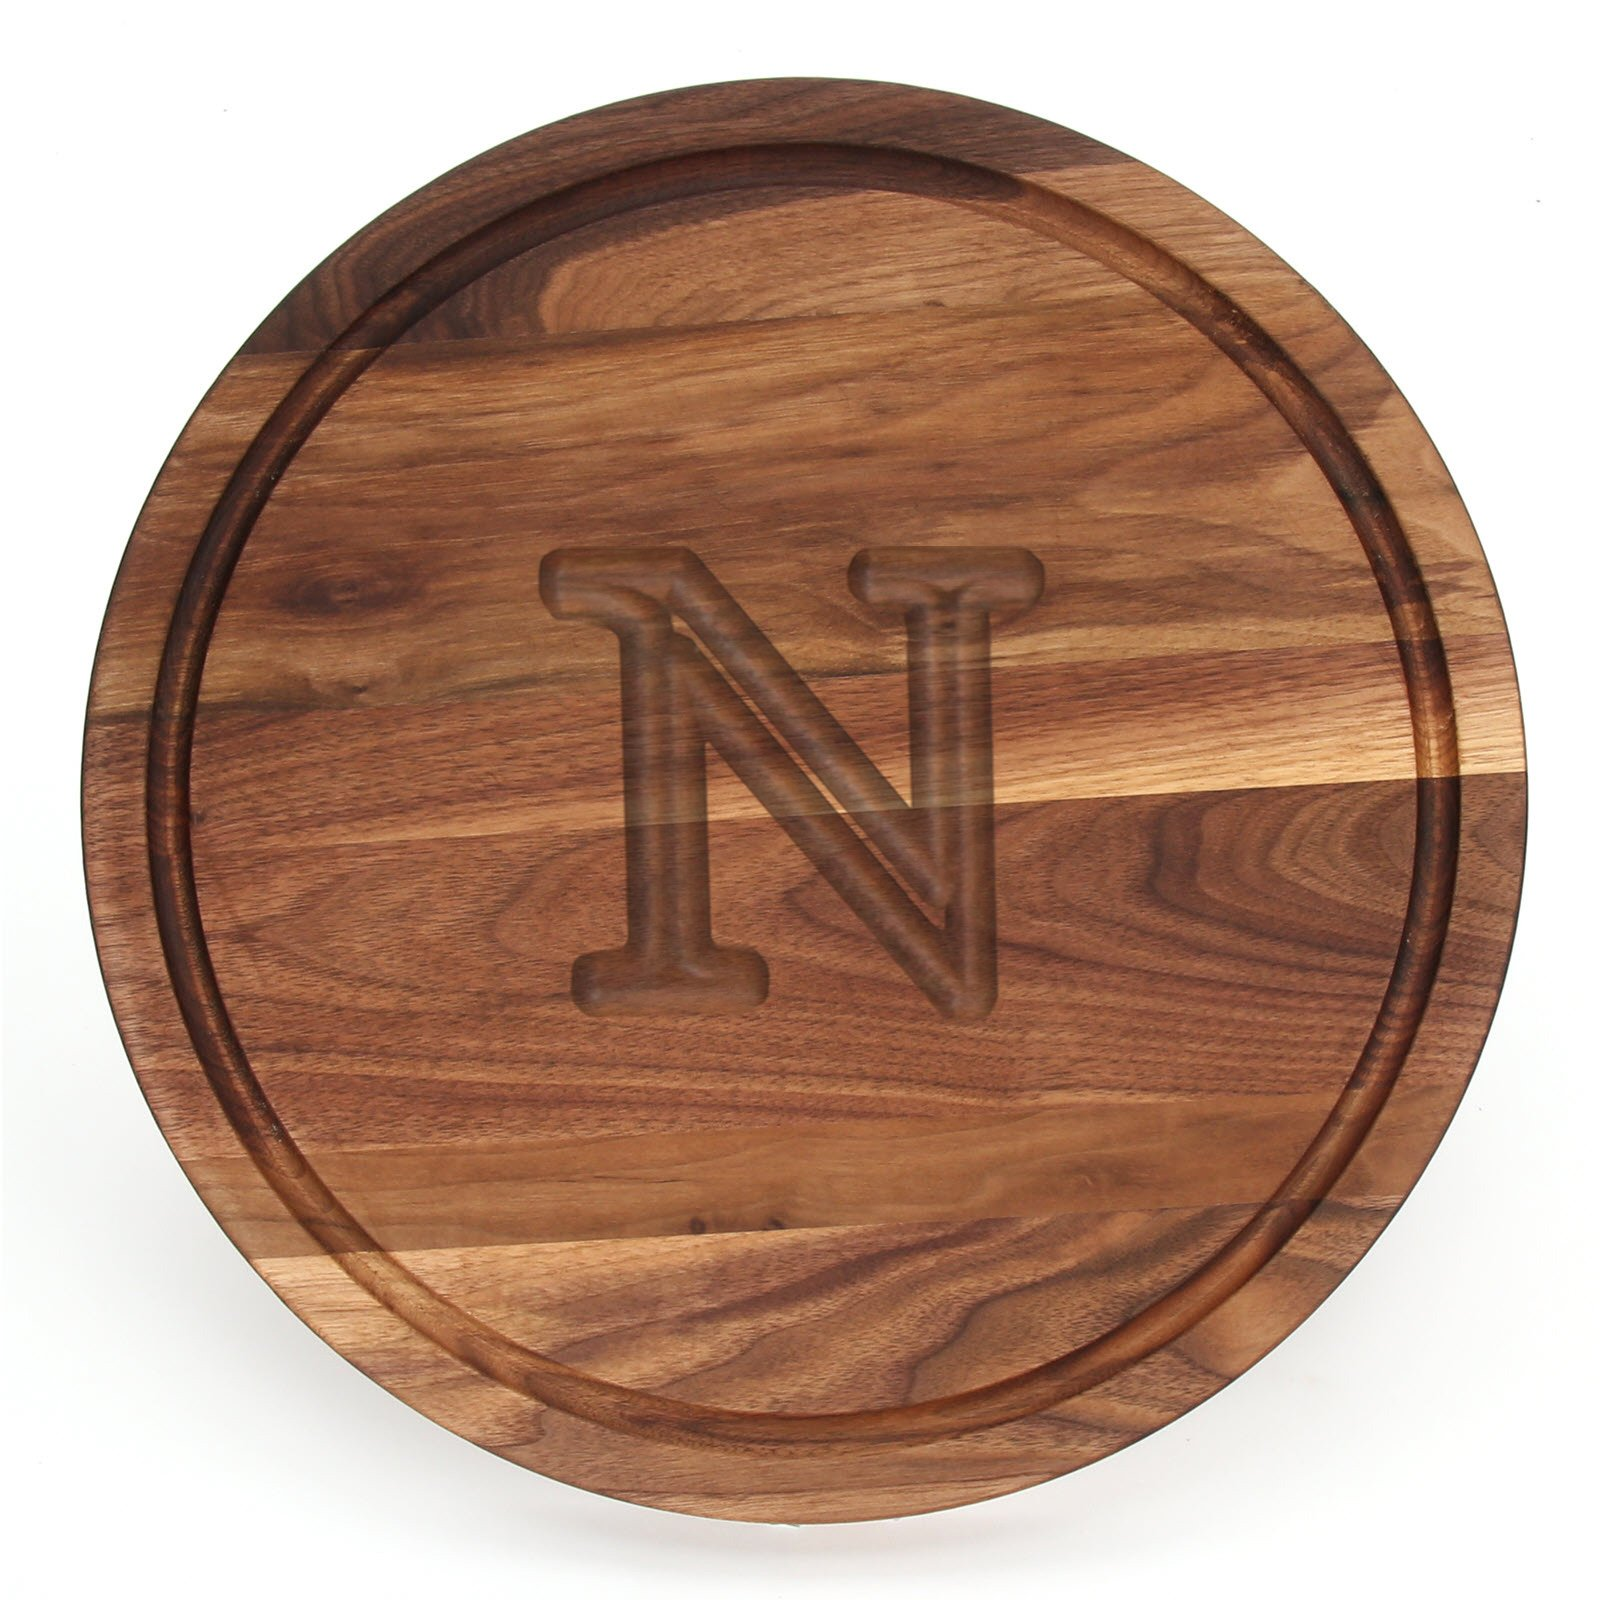 BigWood Boards W110-N Cutting Board, Monogrammed Cutting Board, Medium Round Cheese Board, Thick Walnut Wood Serving Tray, ''N''